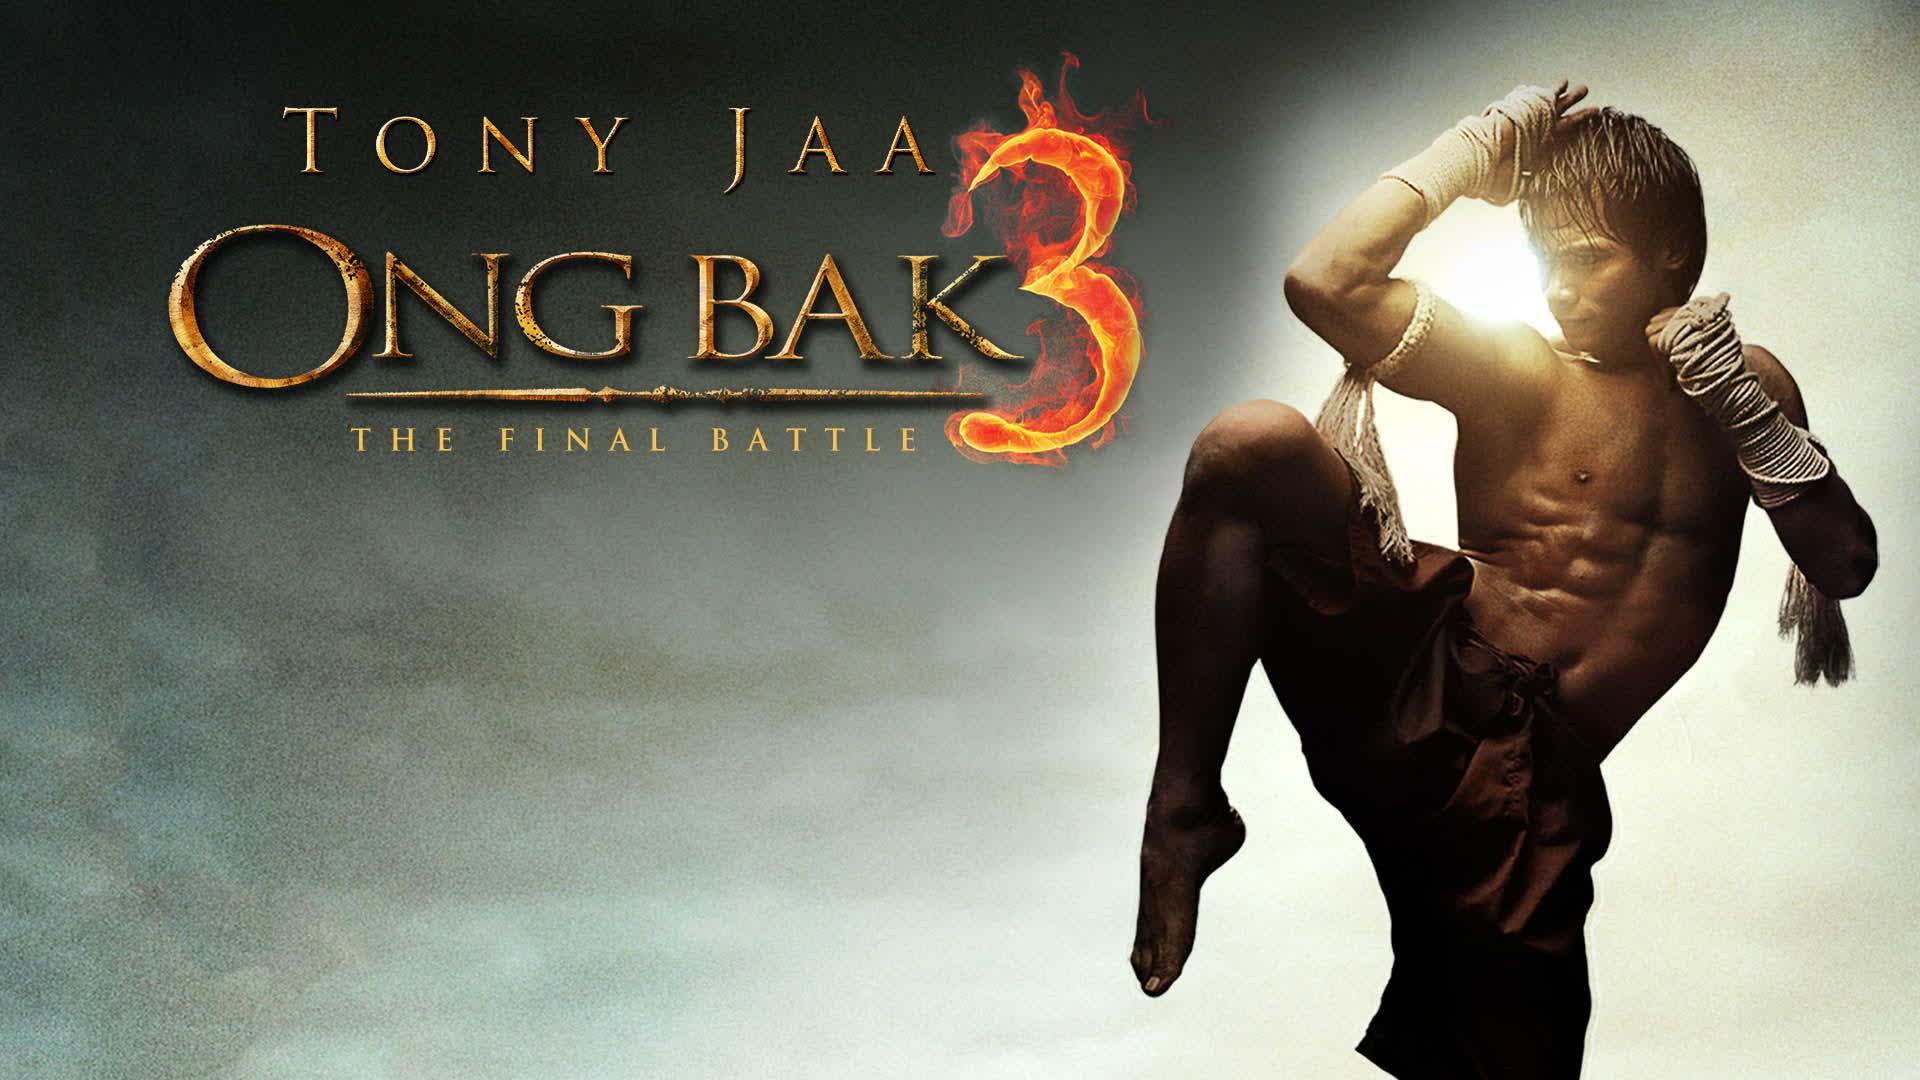 Ong Bak 3: The Final Battle